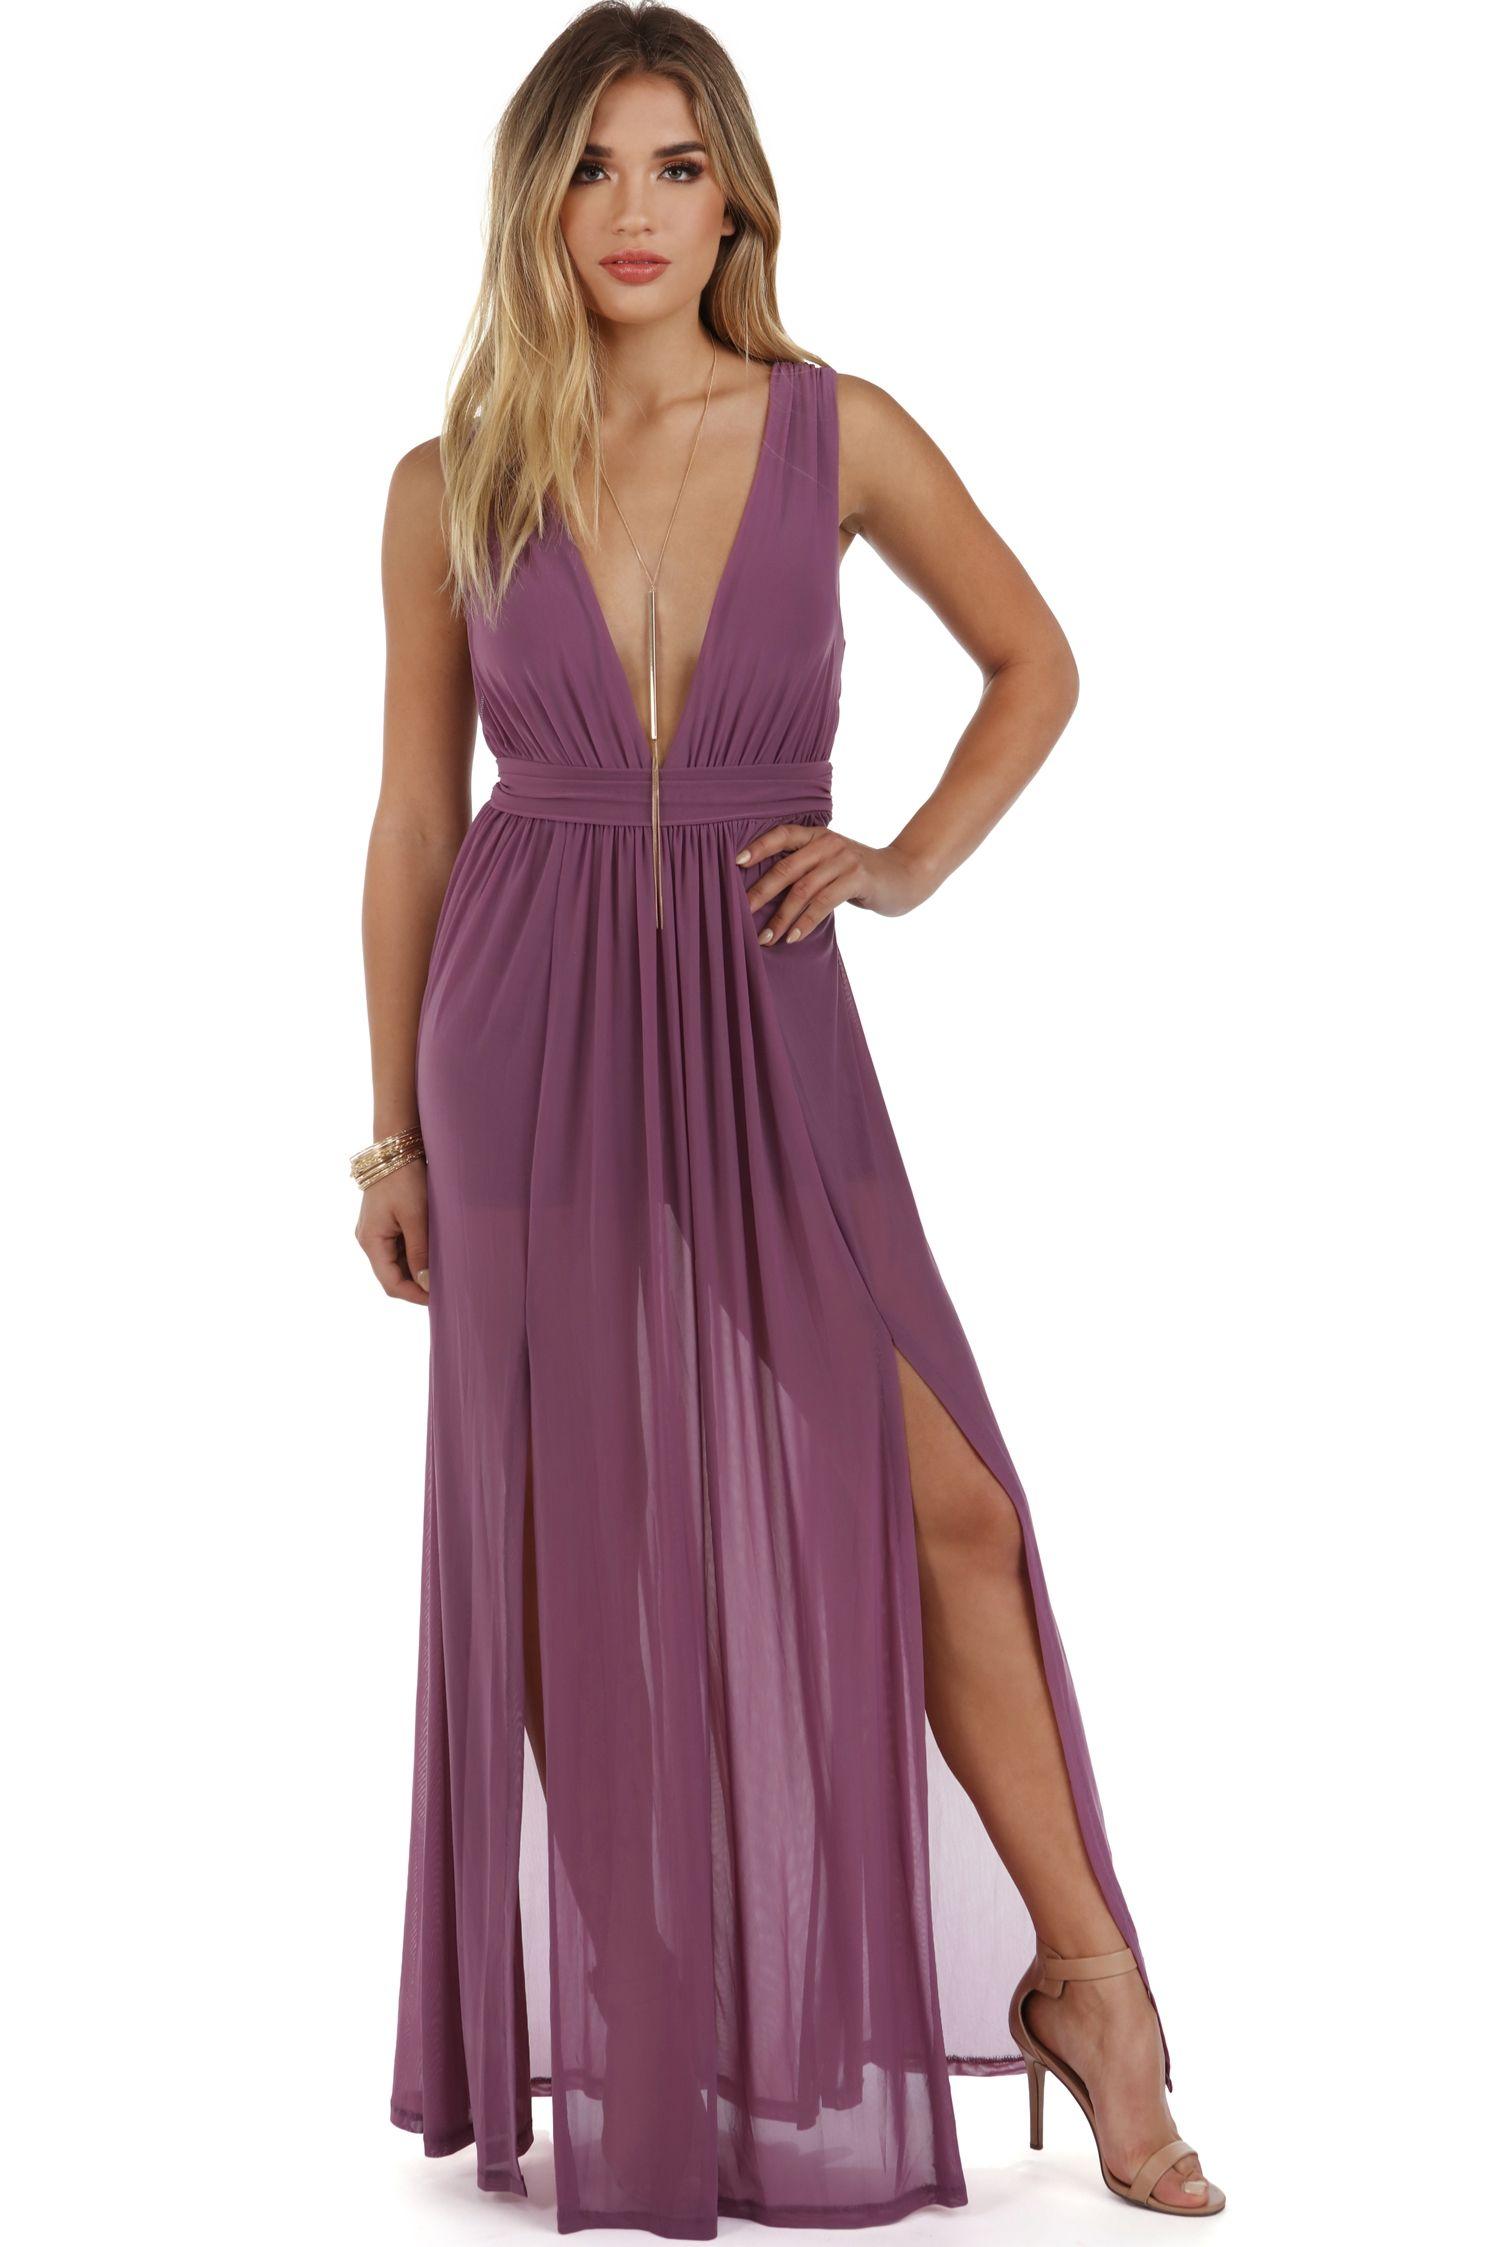 Arielle Purple Mesh Dress   Boda